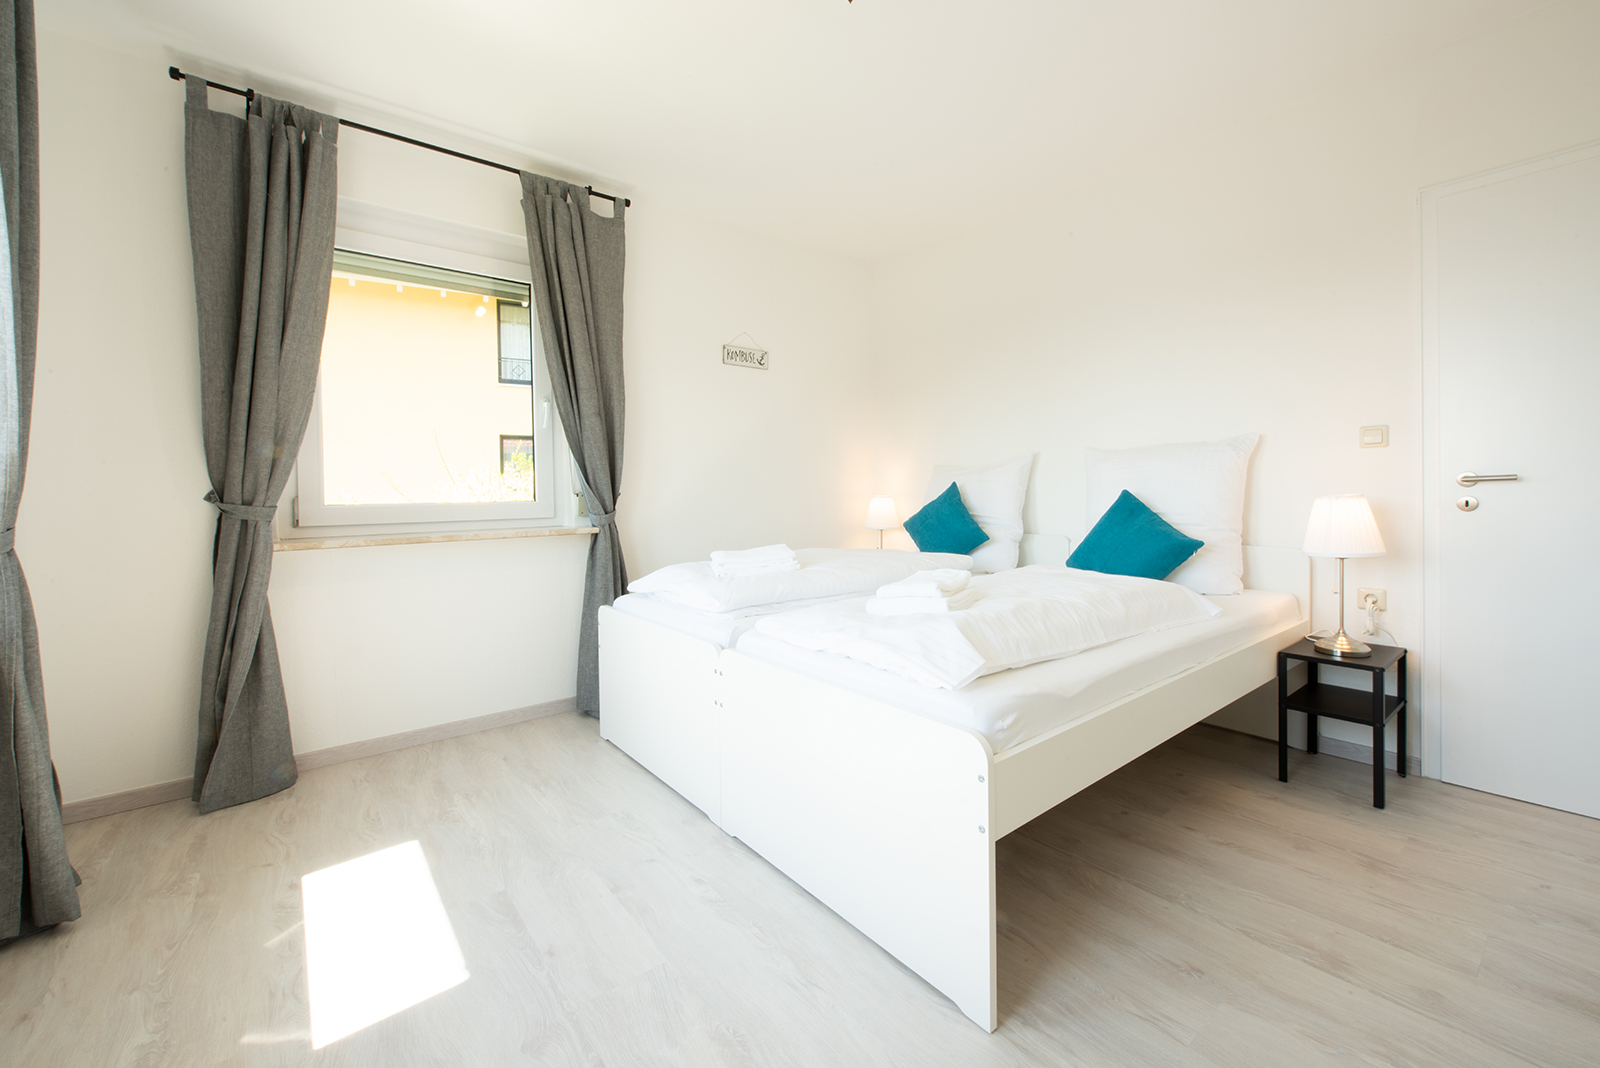 Ferienwohnung am Bodensee: Meersburg - Schlafzimmer 1